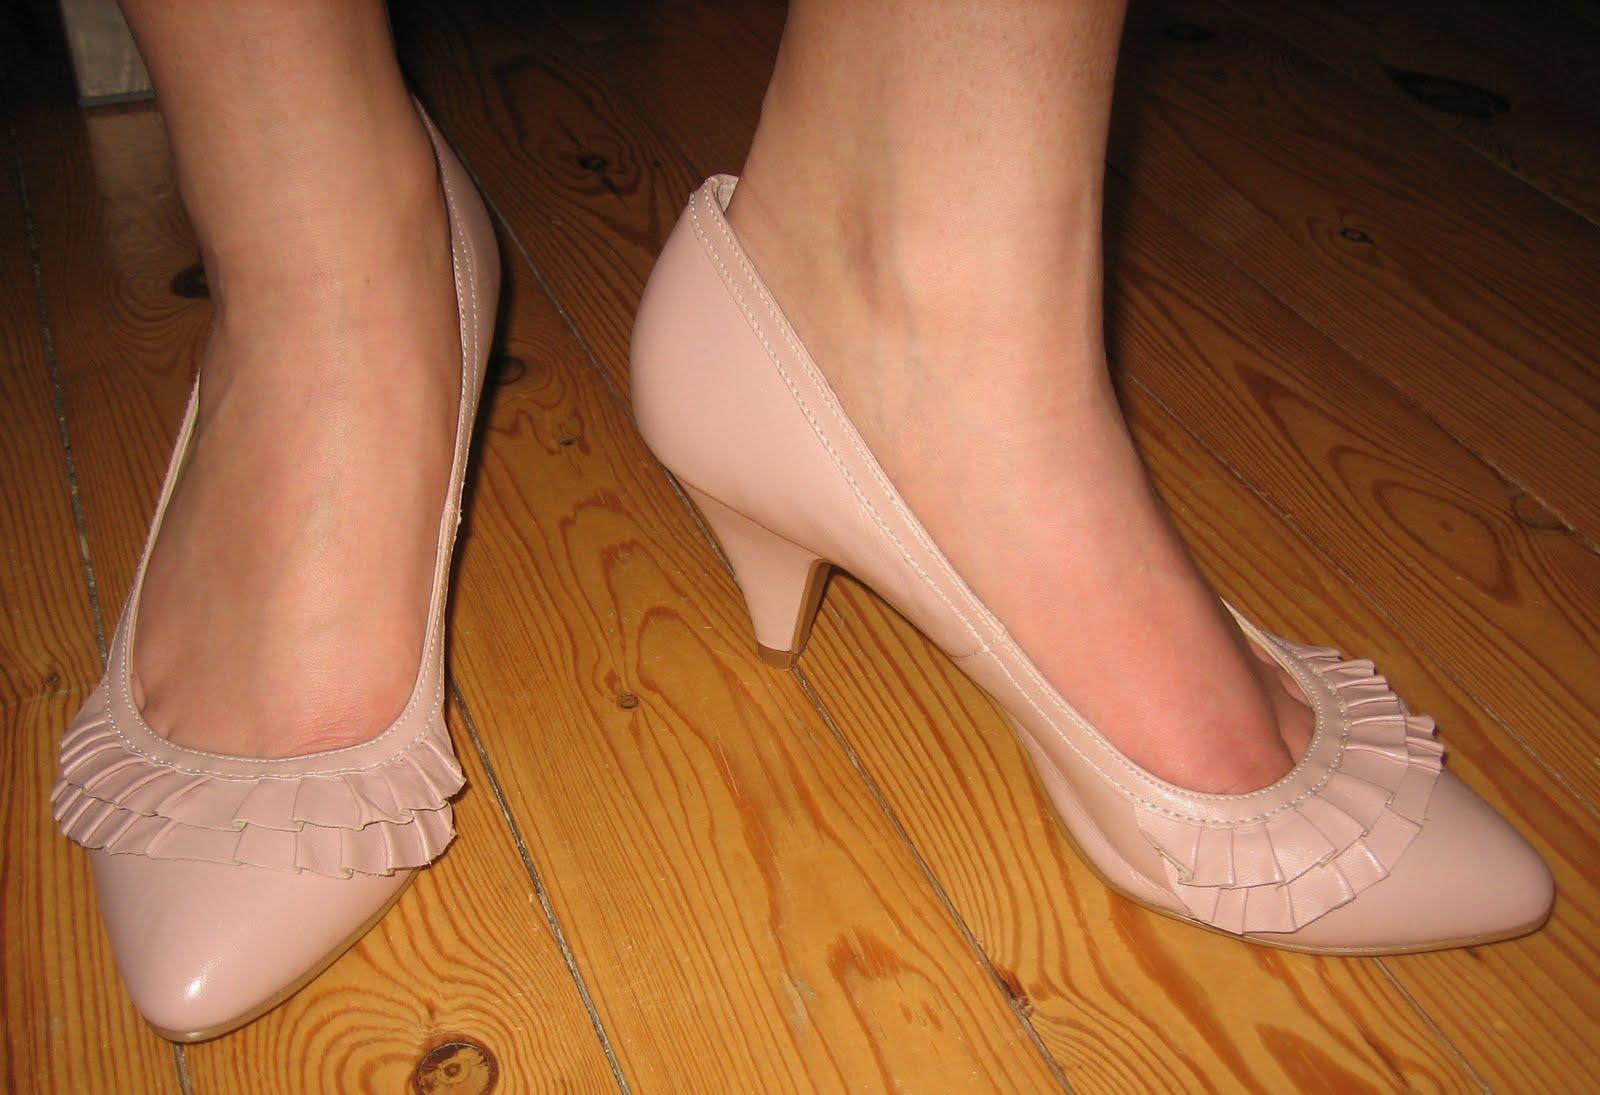 newlook shoes oriental teen fashion, teen. oriental teen fashion, teen